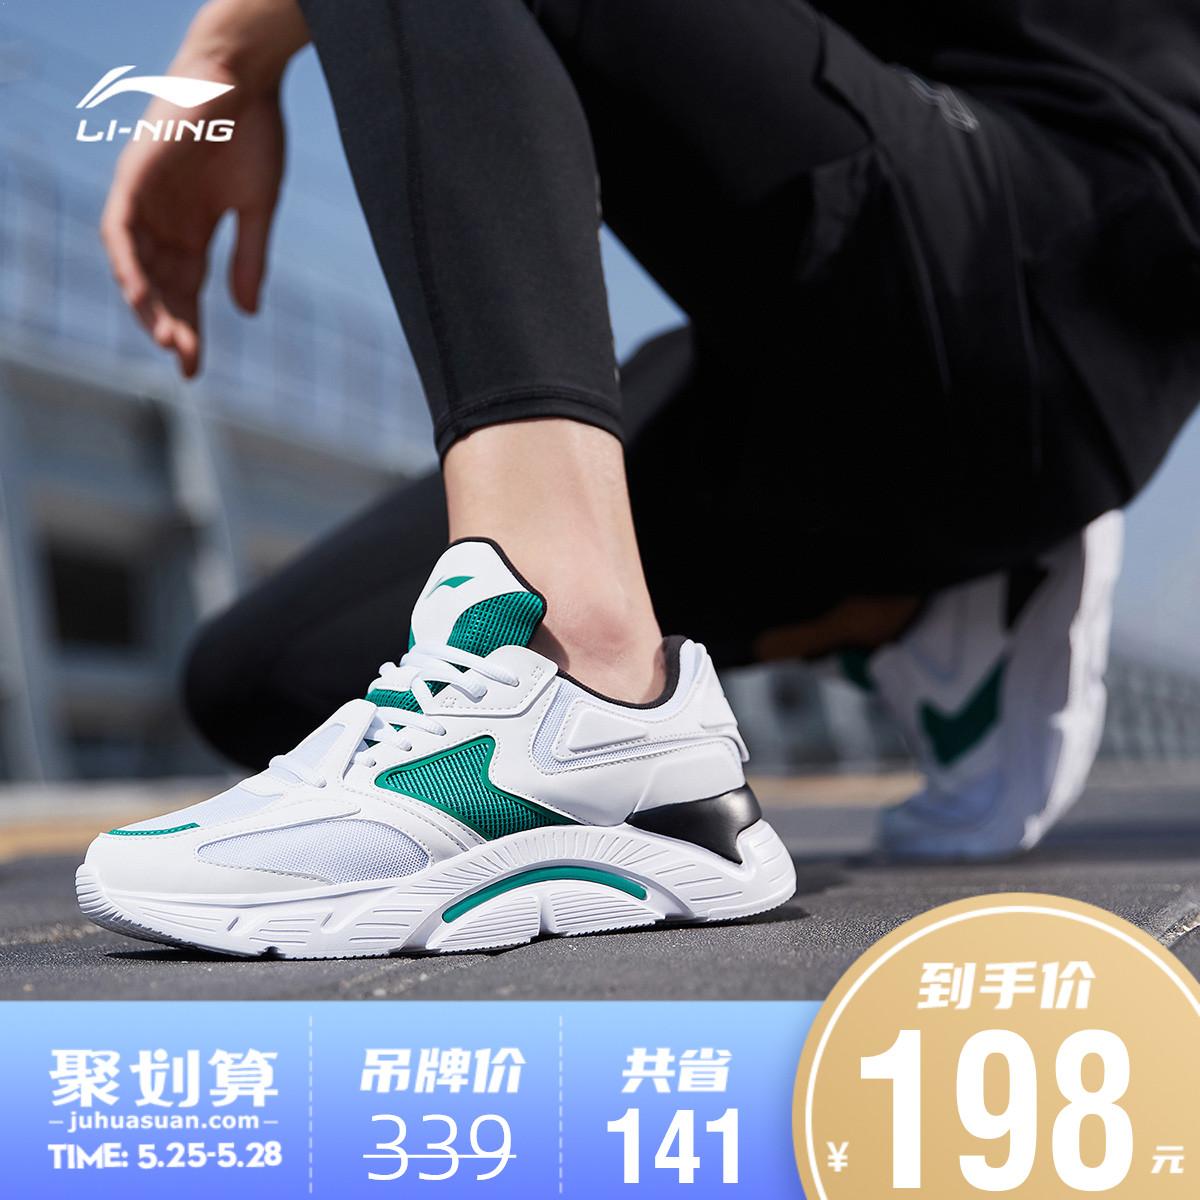 李宁跑步鞋男鞋官方正品夏季新款跑鞋轻便透气男士休闲低帮运动鞋图片